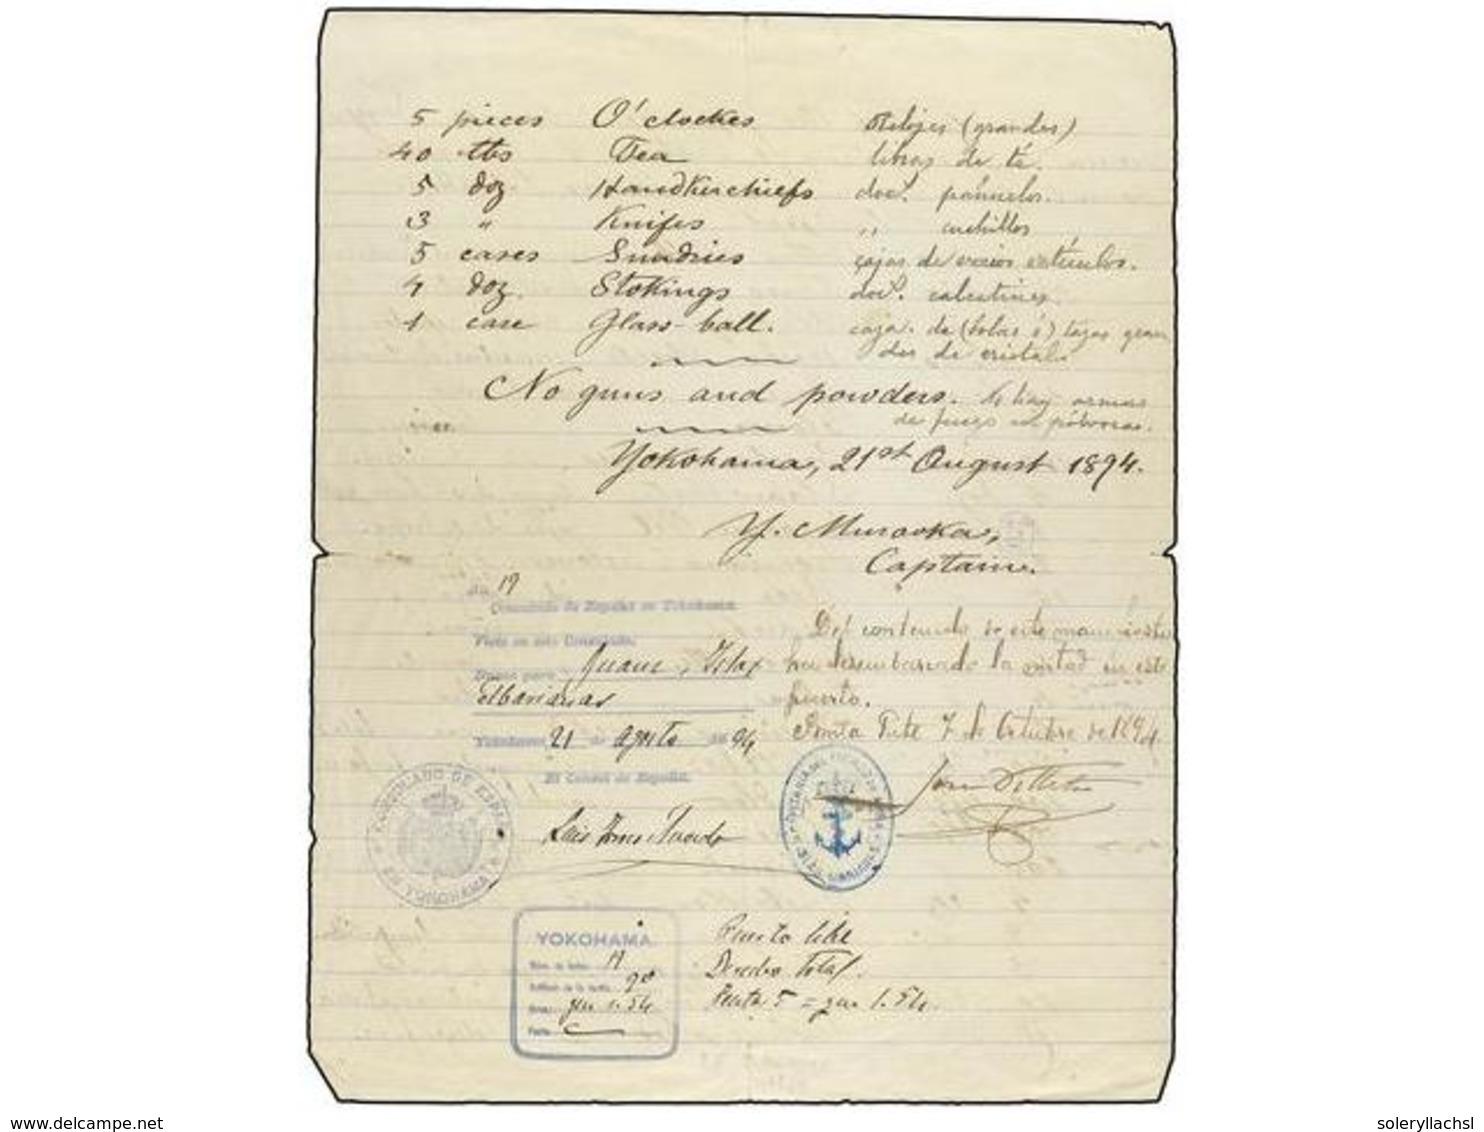 MARIANAS. 1894. MANIFIESTO DE CARGA Desde El Puerto De YOKOHAMA A SAN LUIS DE APRA (Guam). Marca Del Consulado Español E - Timbres